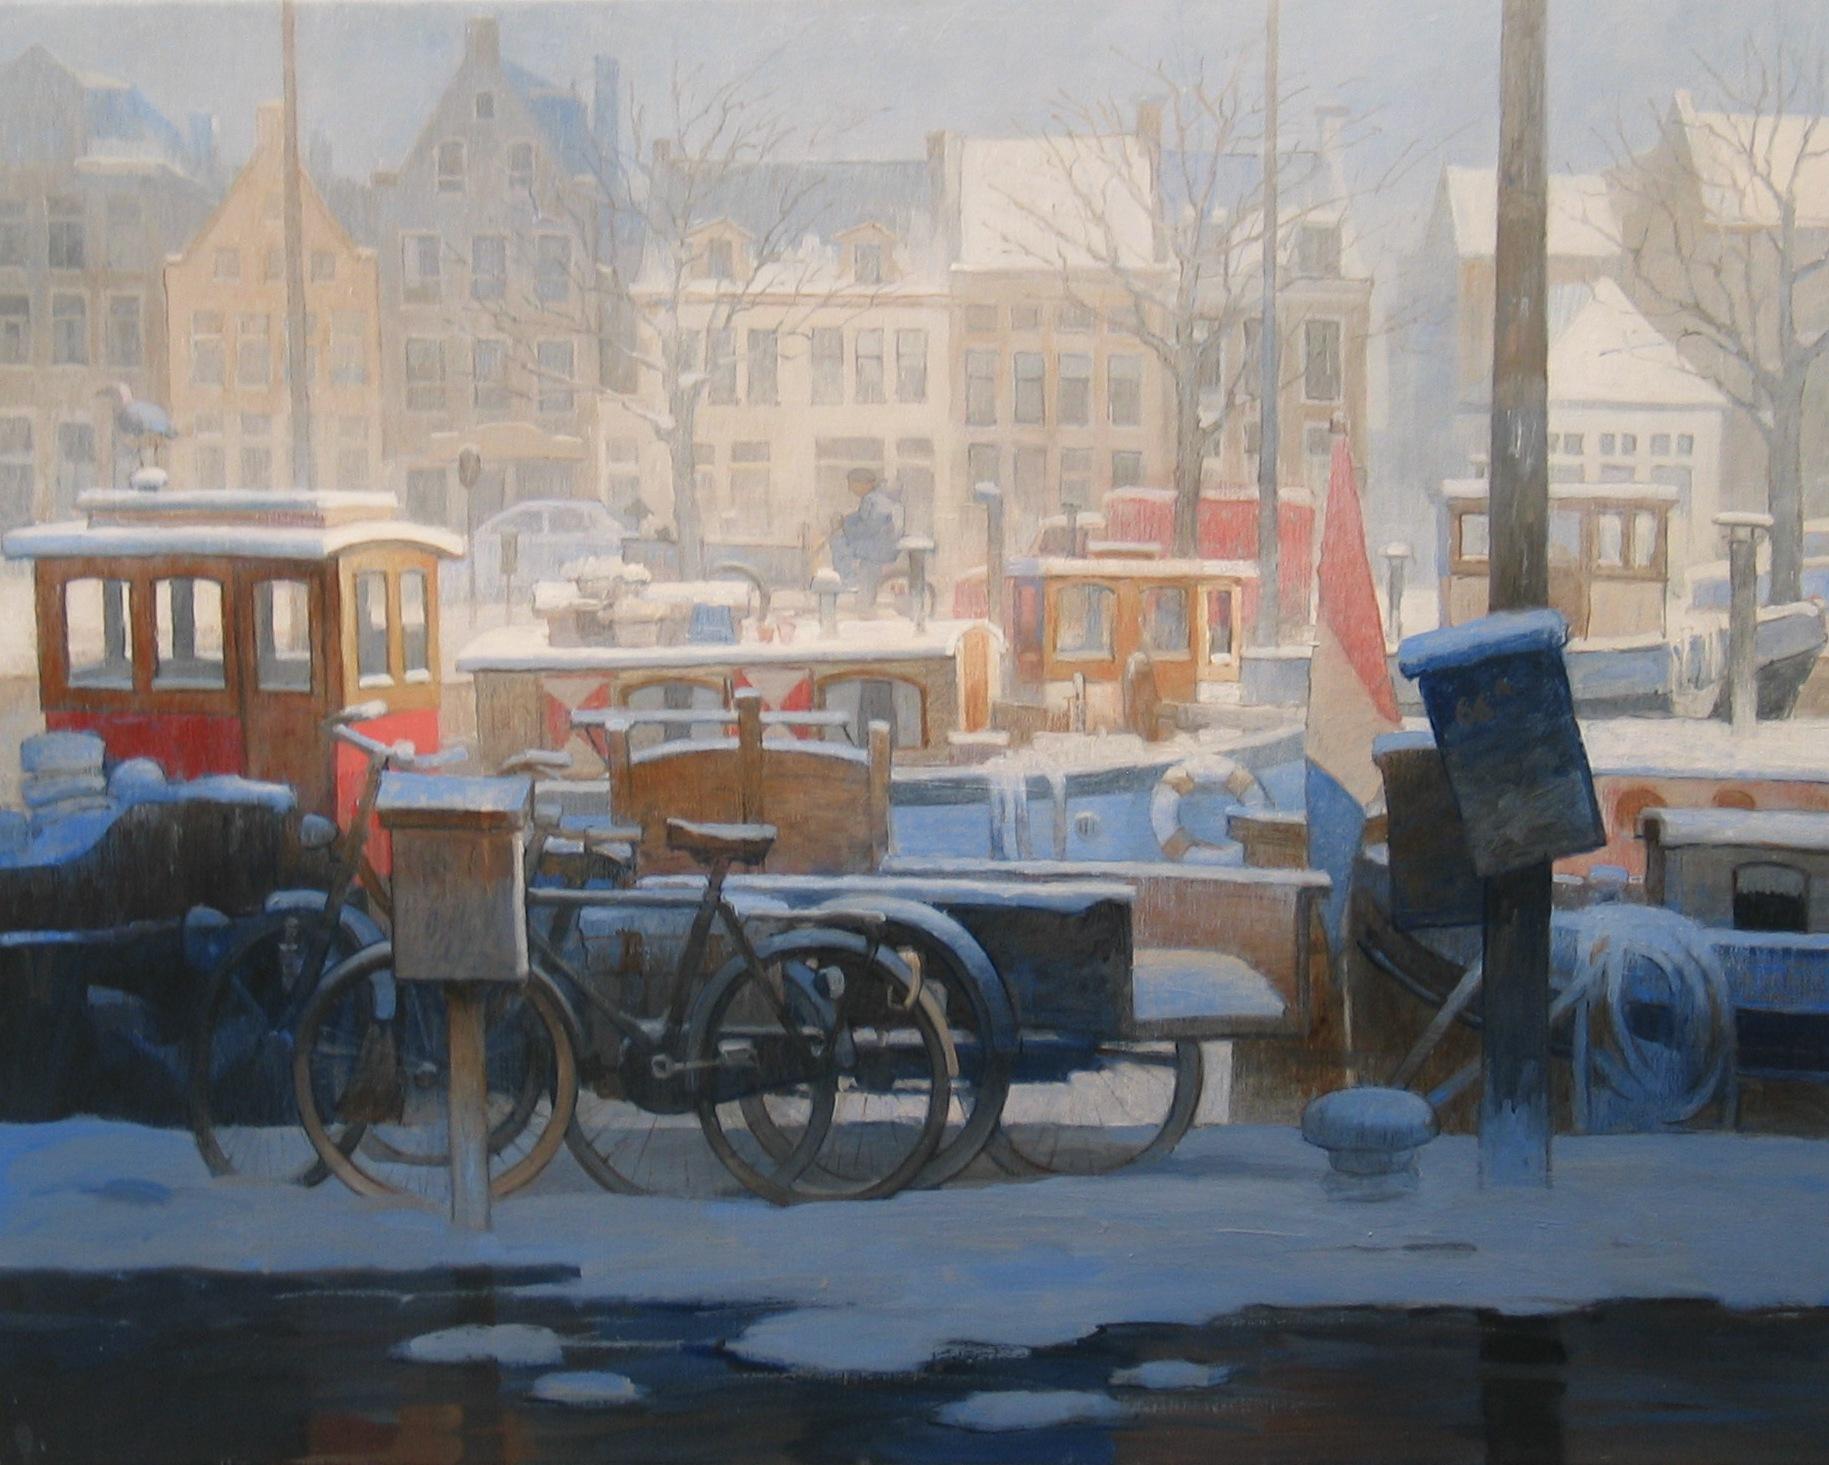 noorderhaven 80x100 2009